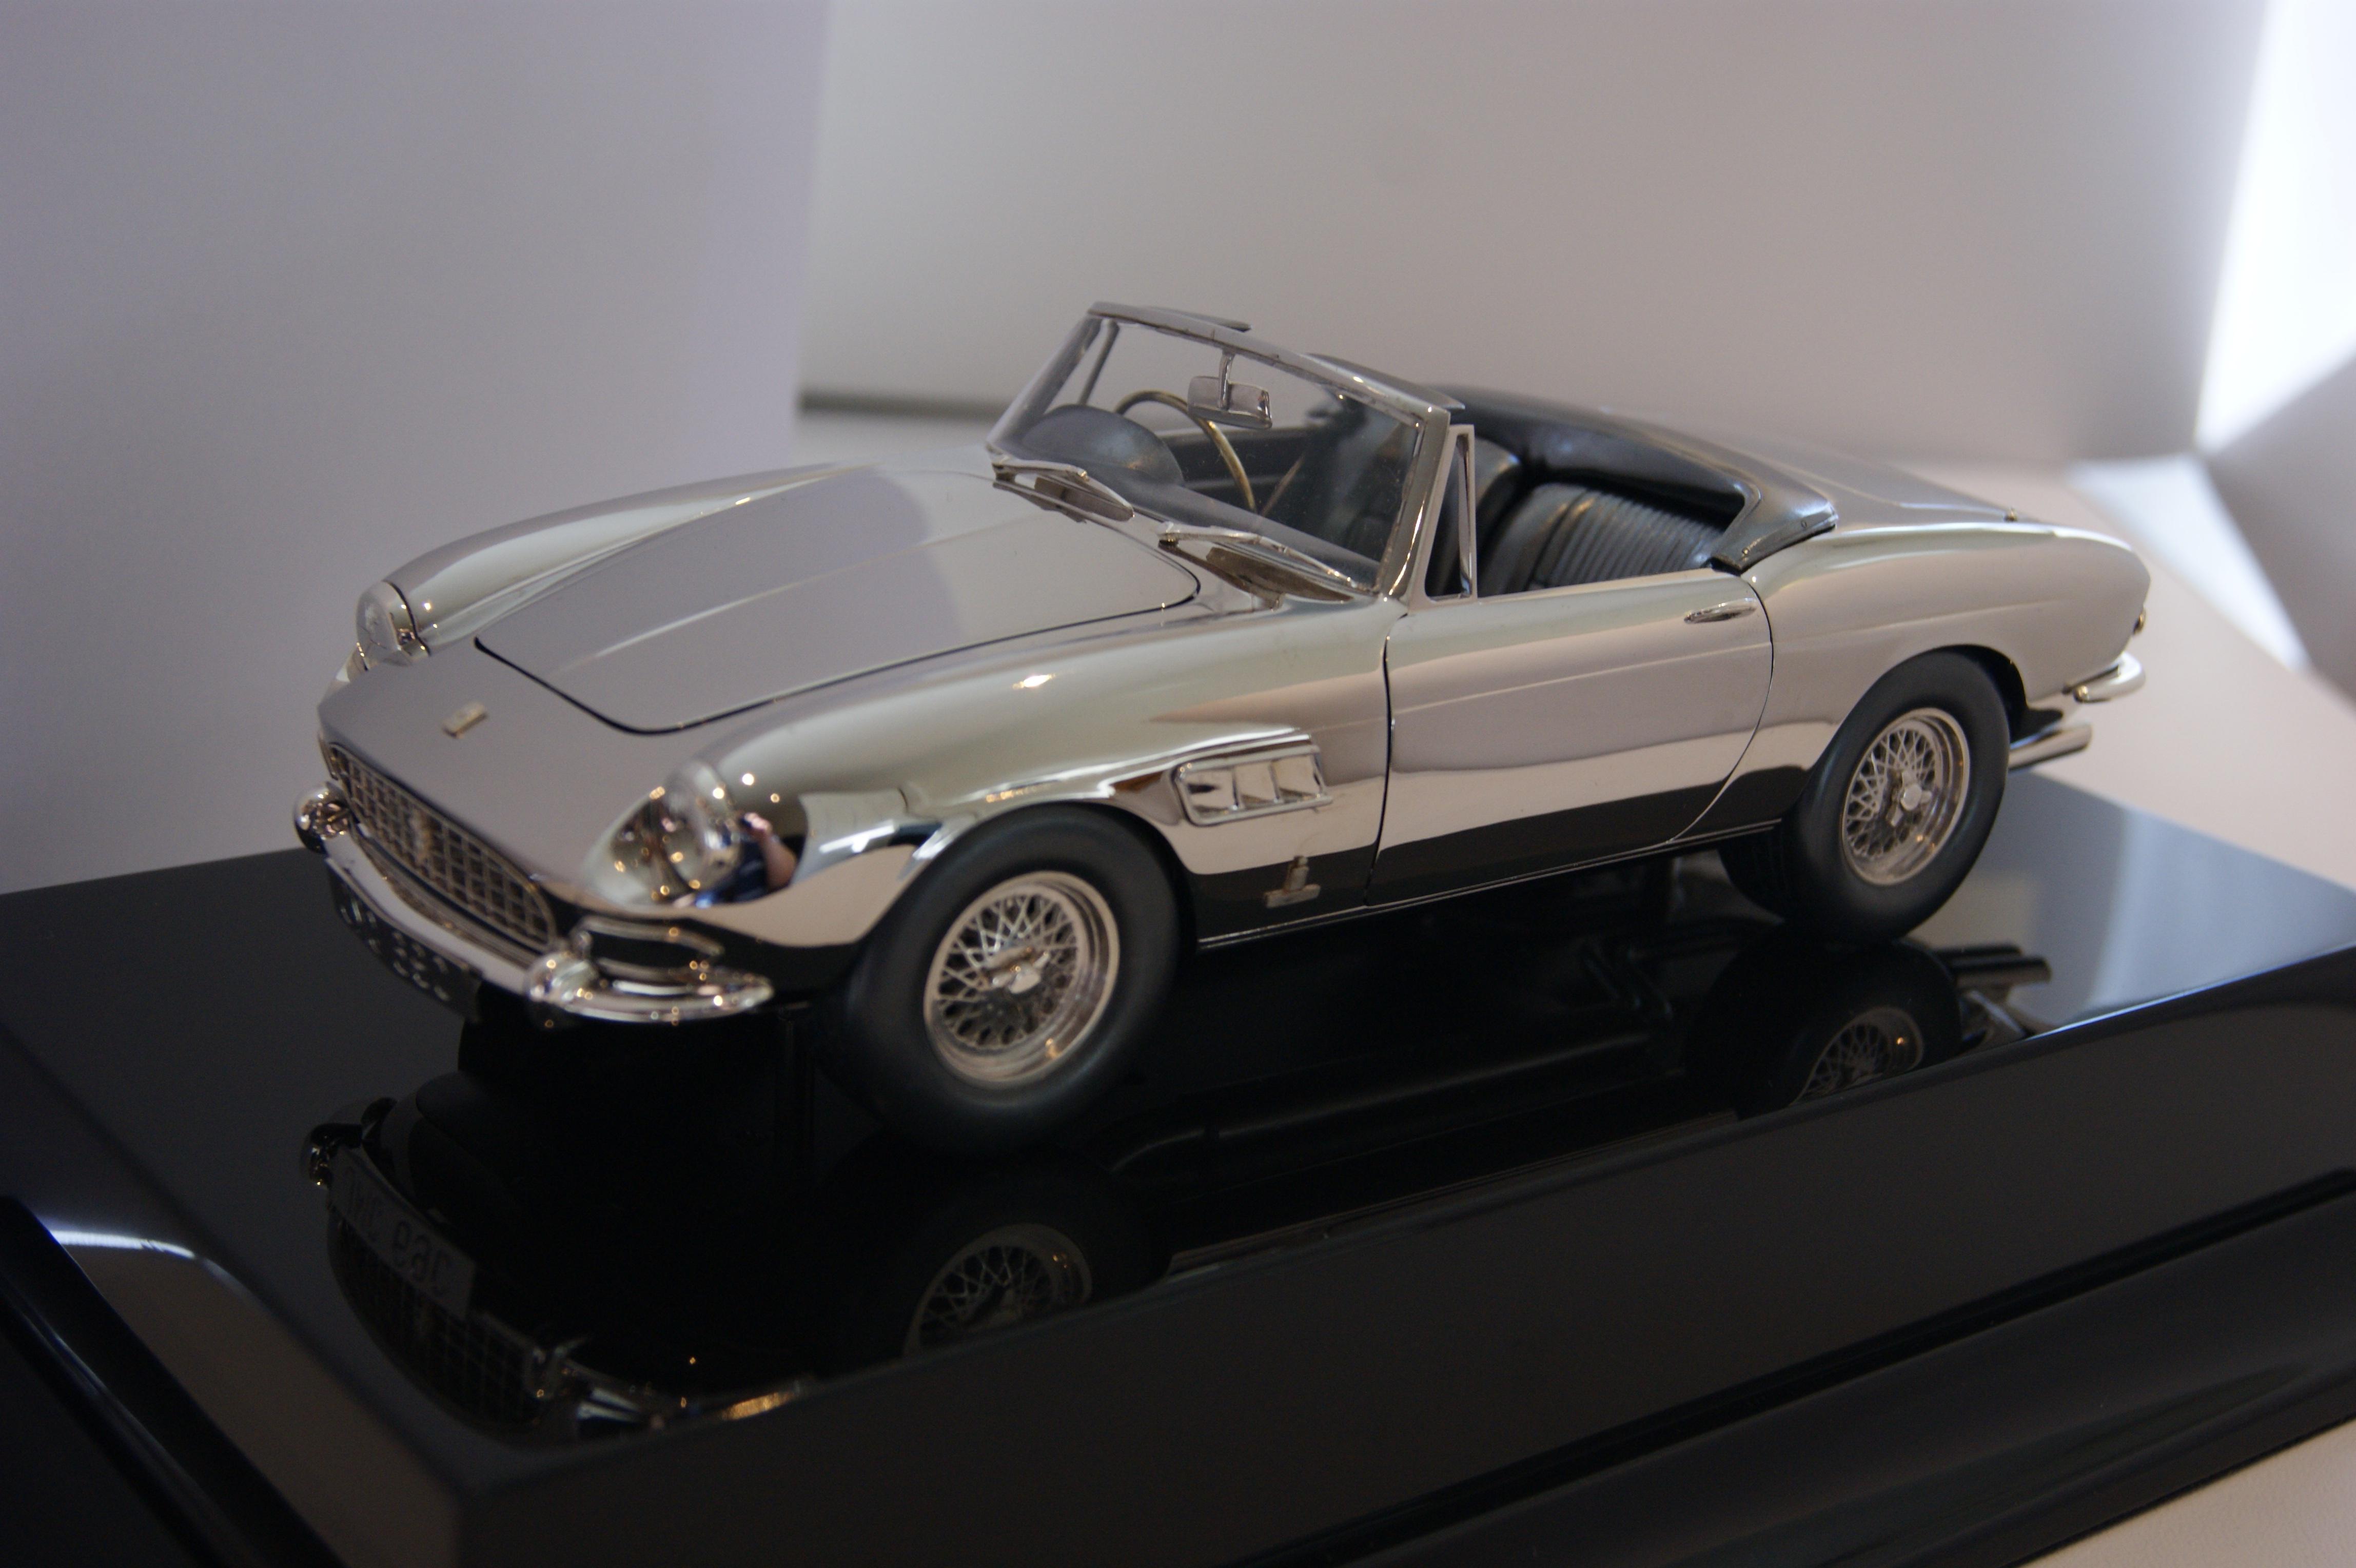 Ferrari 275GTS 1:18 scale